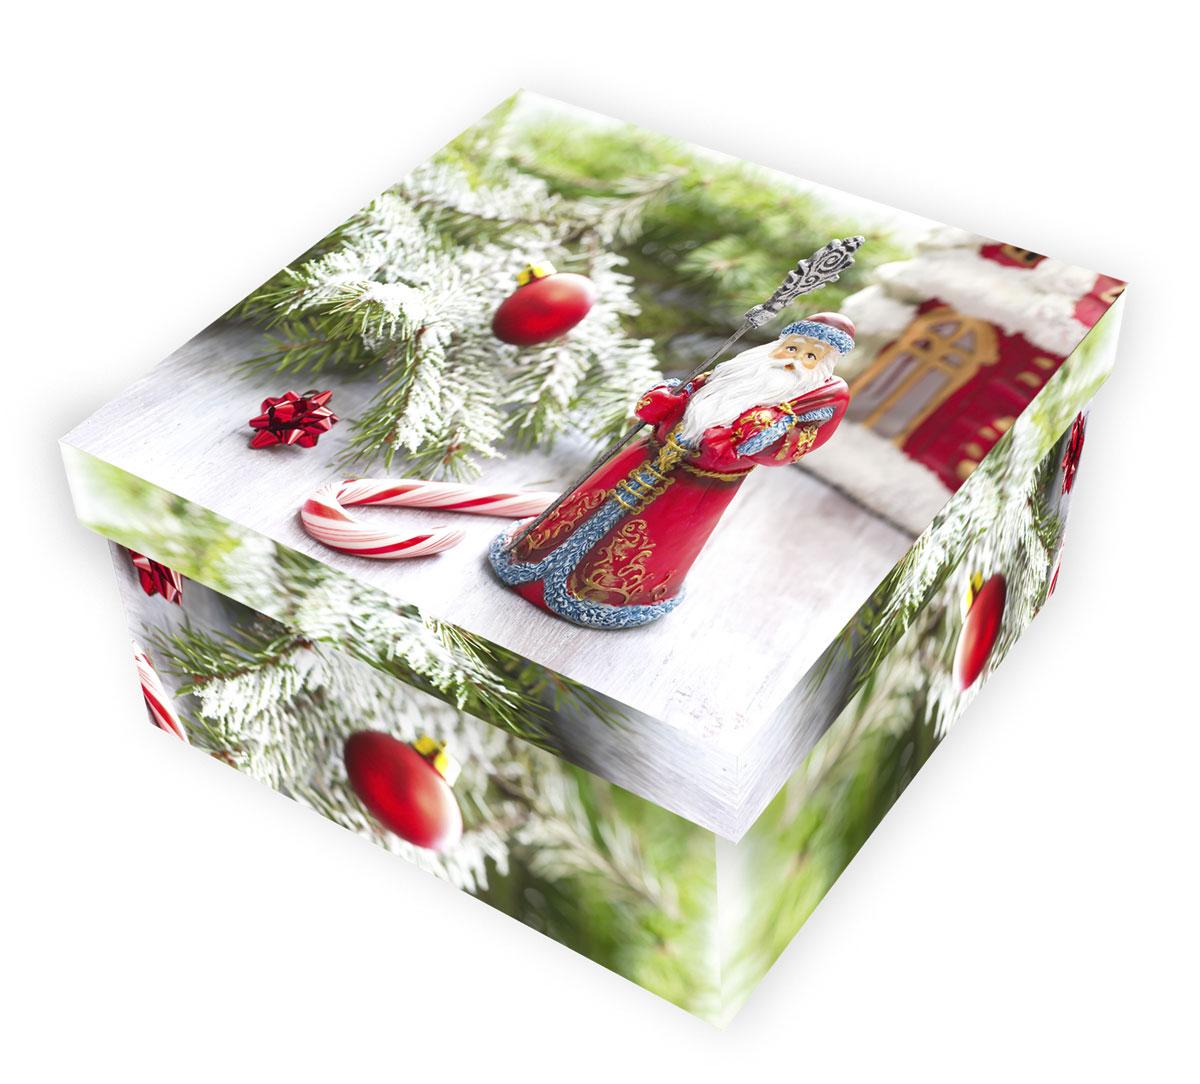 Коробка подарочная Proffi Home Дед Мороз, 12 х 22 х 22 смPH7826Большие картонные коробкиProffi Home Дед Мороз, идеально подходят для упаковки объемных подарков. Коробка изготовлена из плотного цветного картона.